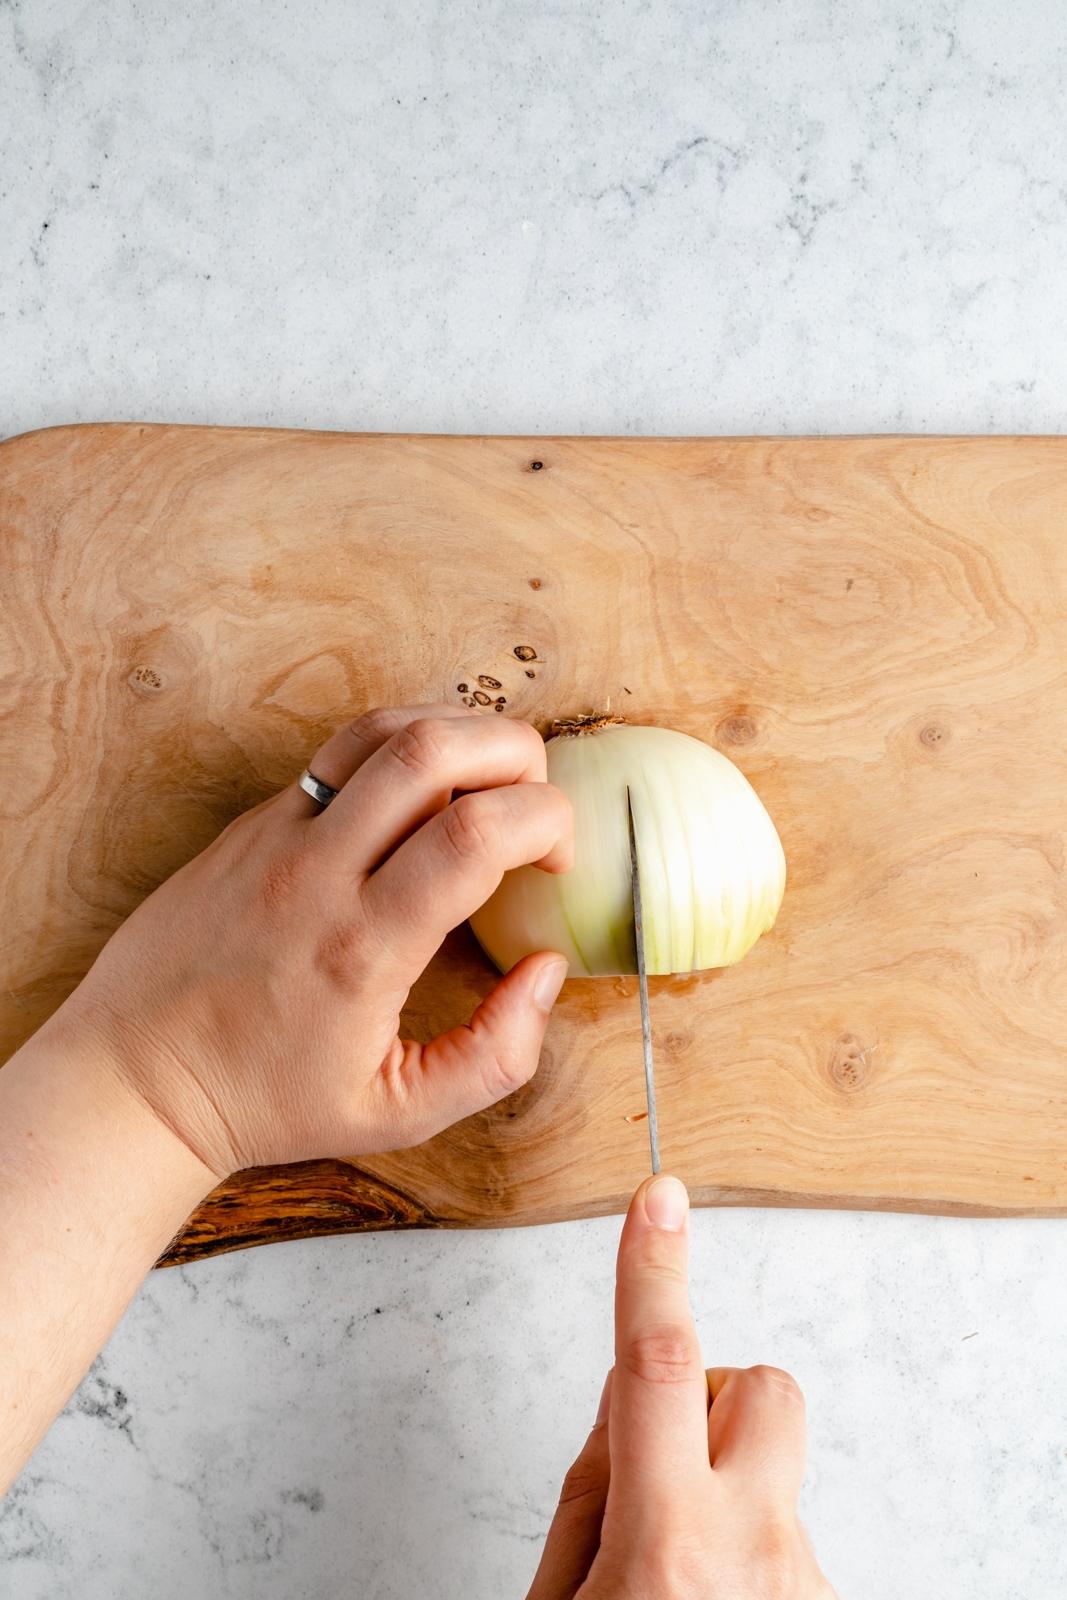 cutting an onion on a cutting board